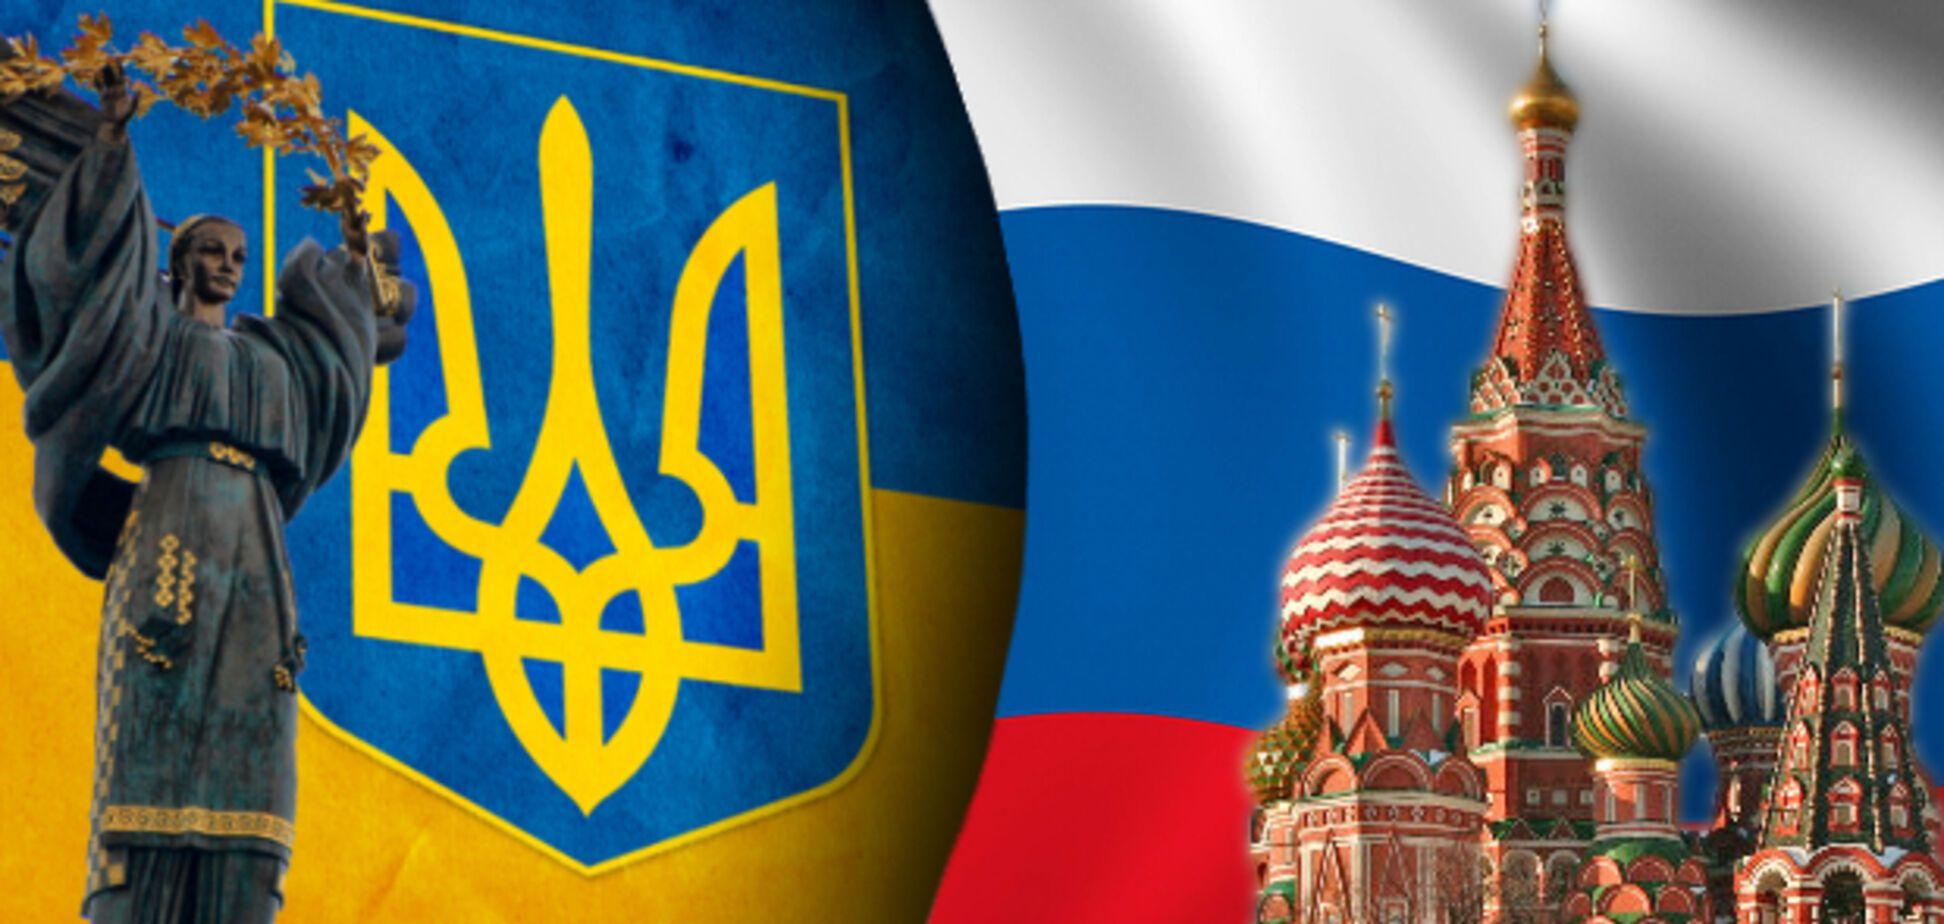 Санкційний скандал через Крим: у Росії огризнулися на заяву України